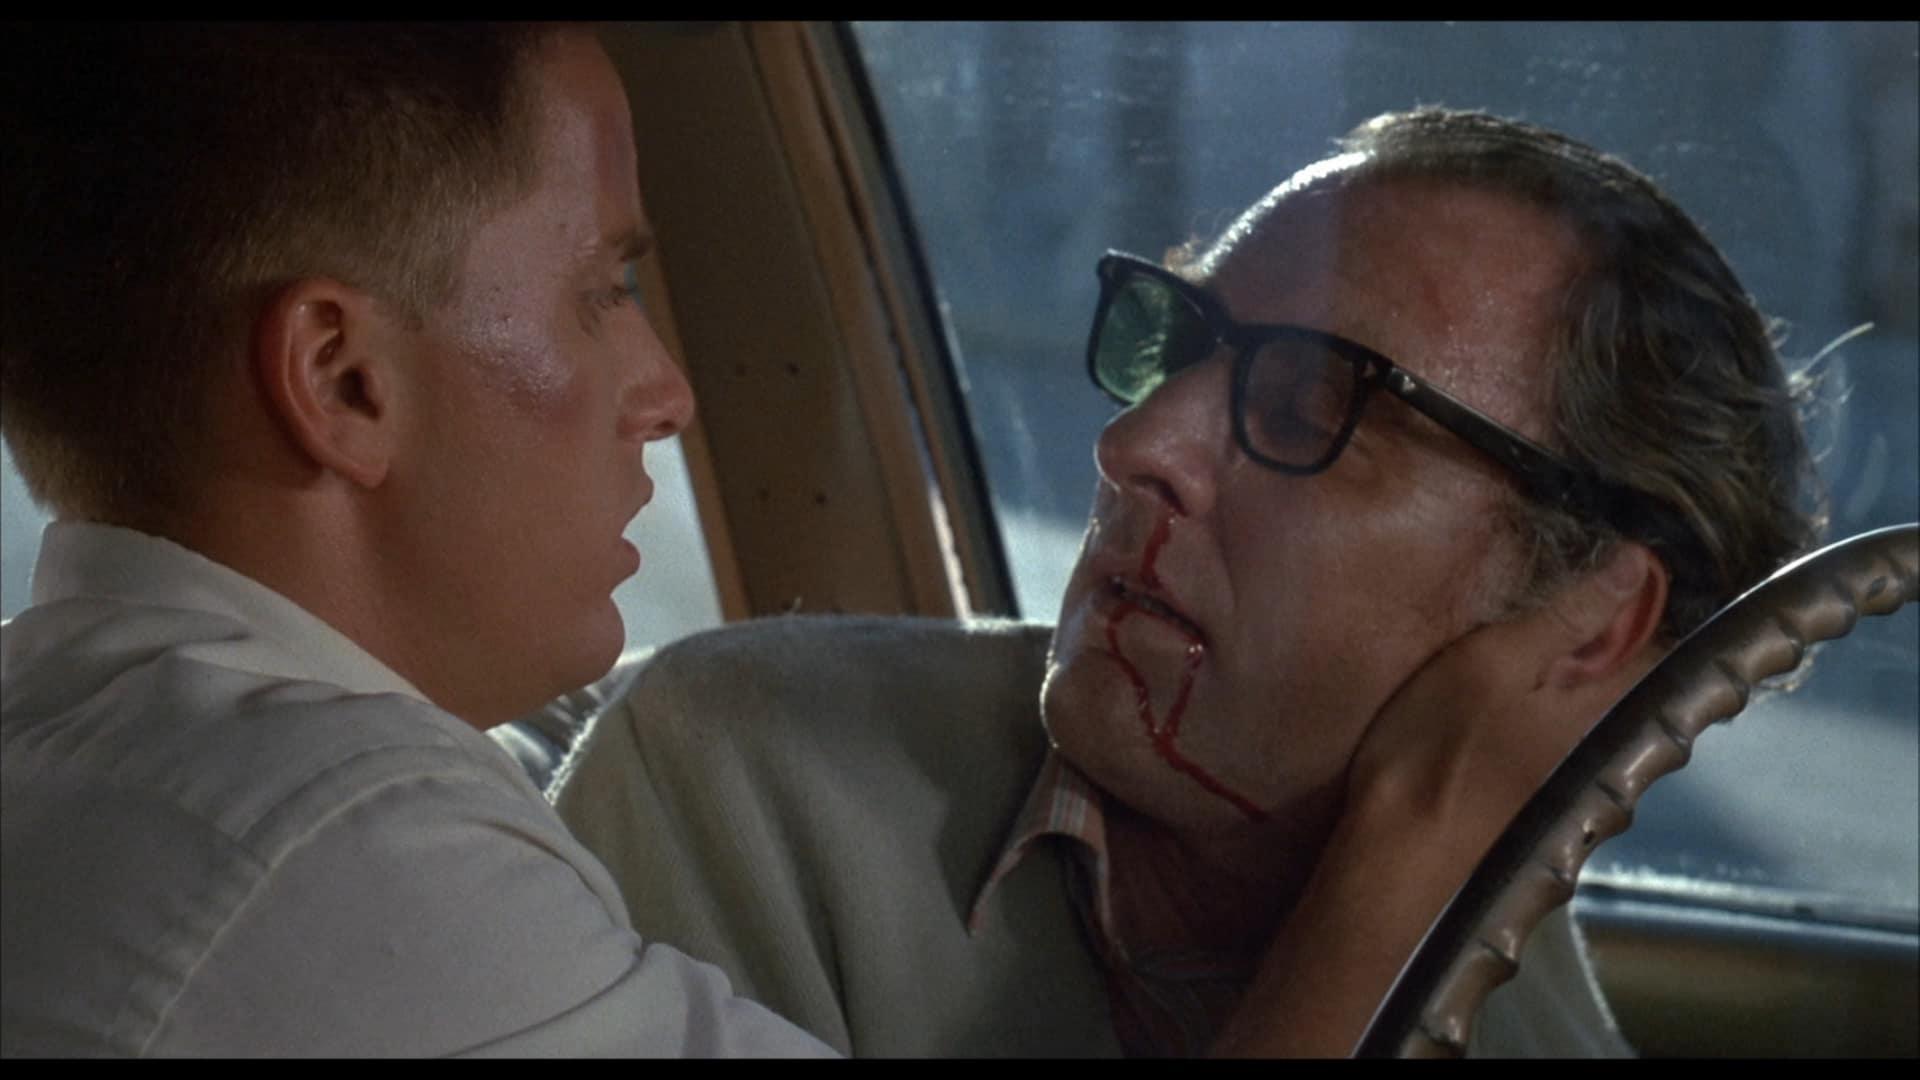 Emilio Estevez sitzt neben einem Mann mit nach hinten gekämmten Haaren und schwarzer Hornbrille in einem Auto. Der Mann ist bewusstlos und blutet aus Mund und Nase. Emilio hält seinen Kopf fest und begutachtet sein Gesicht.